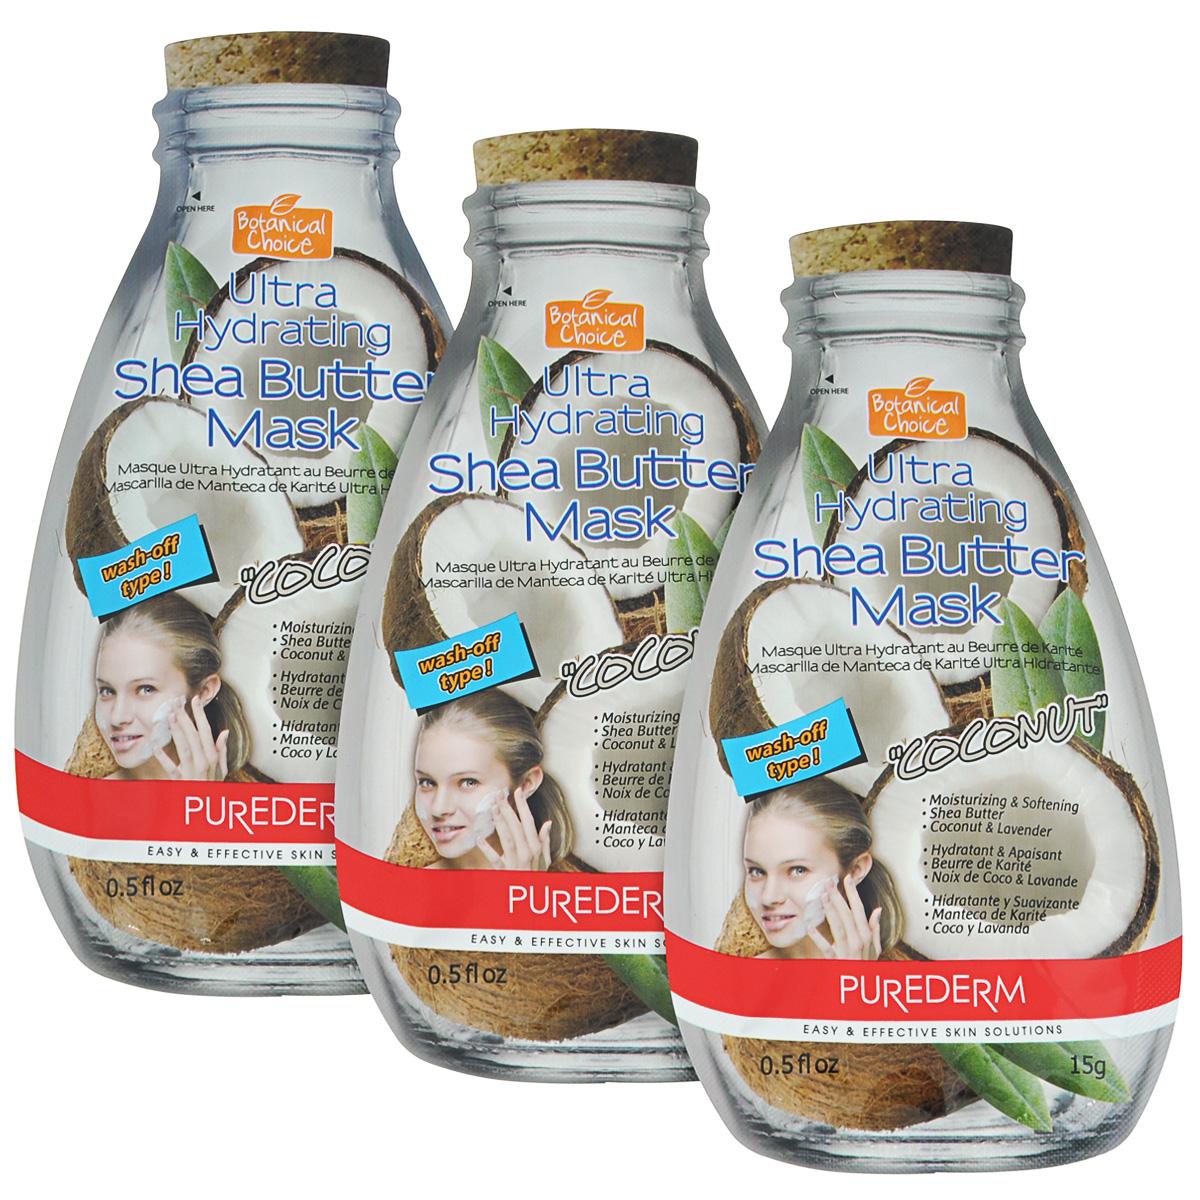 Purederm Ультра-увлажняющая маска для лица с маслом Ши Кокос, 3х15 г.491749Cредство для интенсивного ухода, содержащее ароматную вытяжку Кокосового Ореха в сочетании с ценным маслом Ши и другими природными смягчающими компонентами (Лаванда, Бергамот) смягчает огрубевшую кожу, помогает восполнить необходимый запас влаги, питает и придает коже сияющий вид.